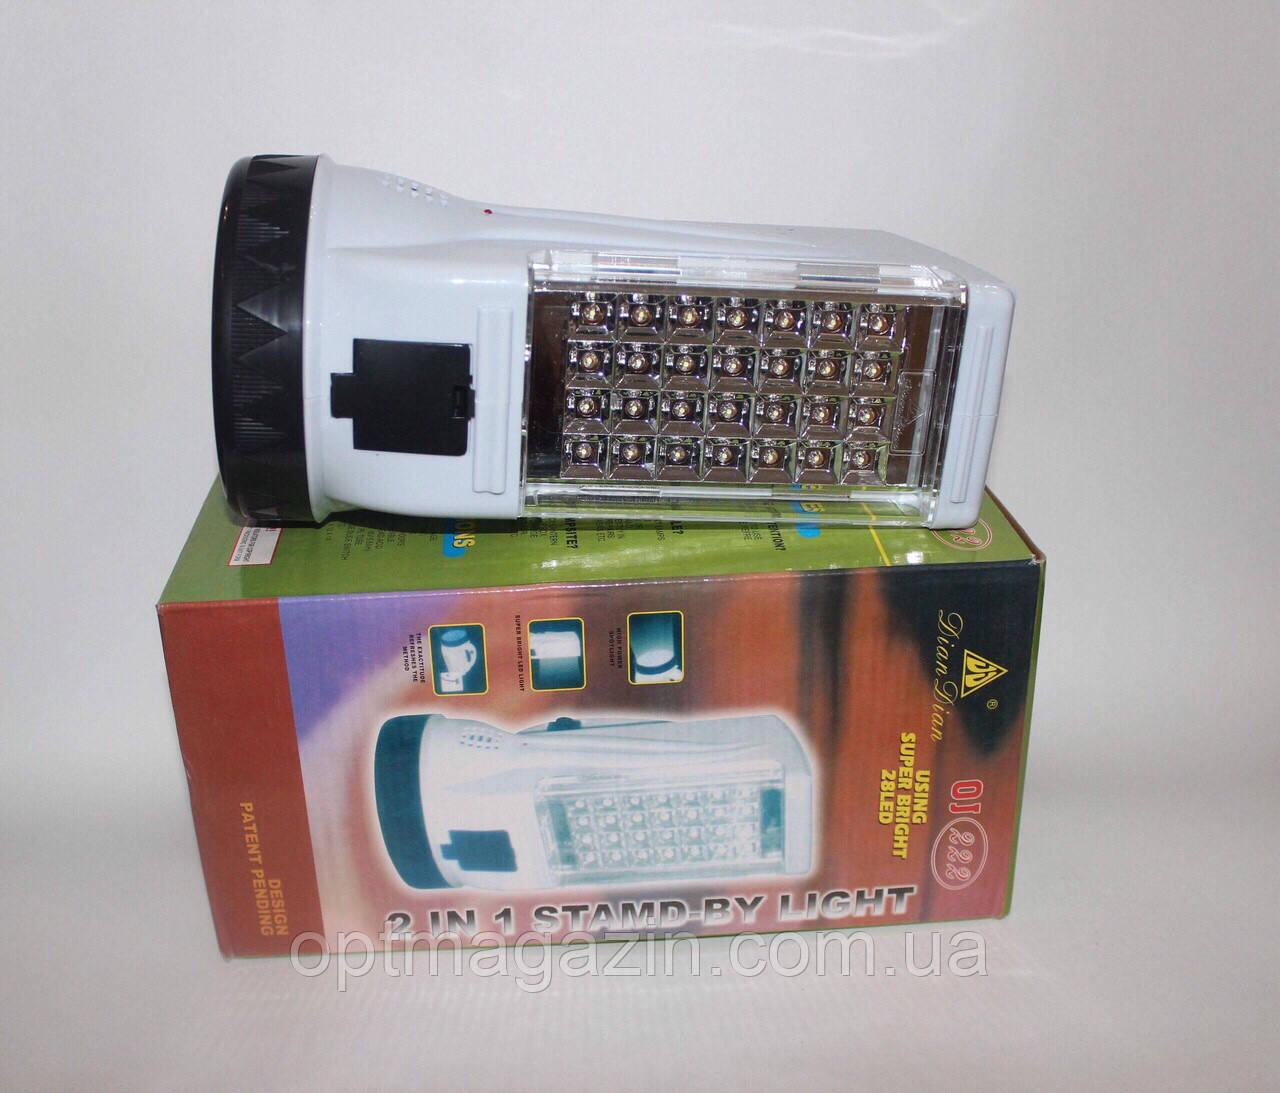 Ліхтар-лампа світлодіодна з світловою панеллю Dian Dian OJ-222